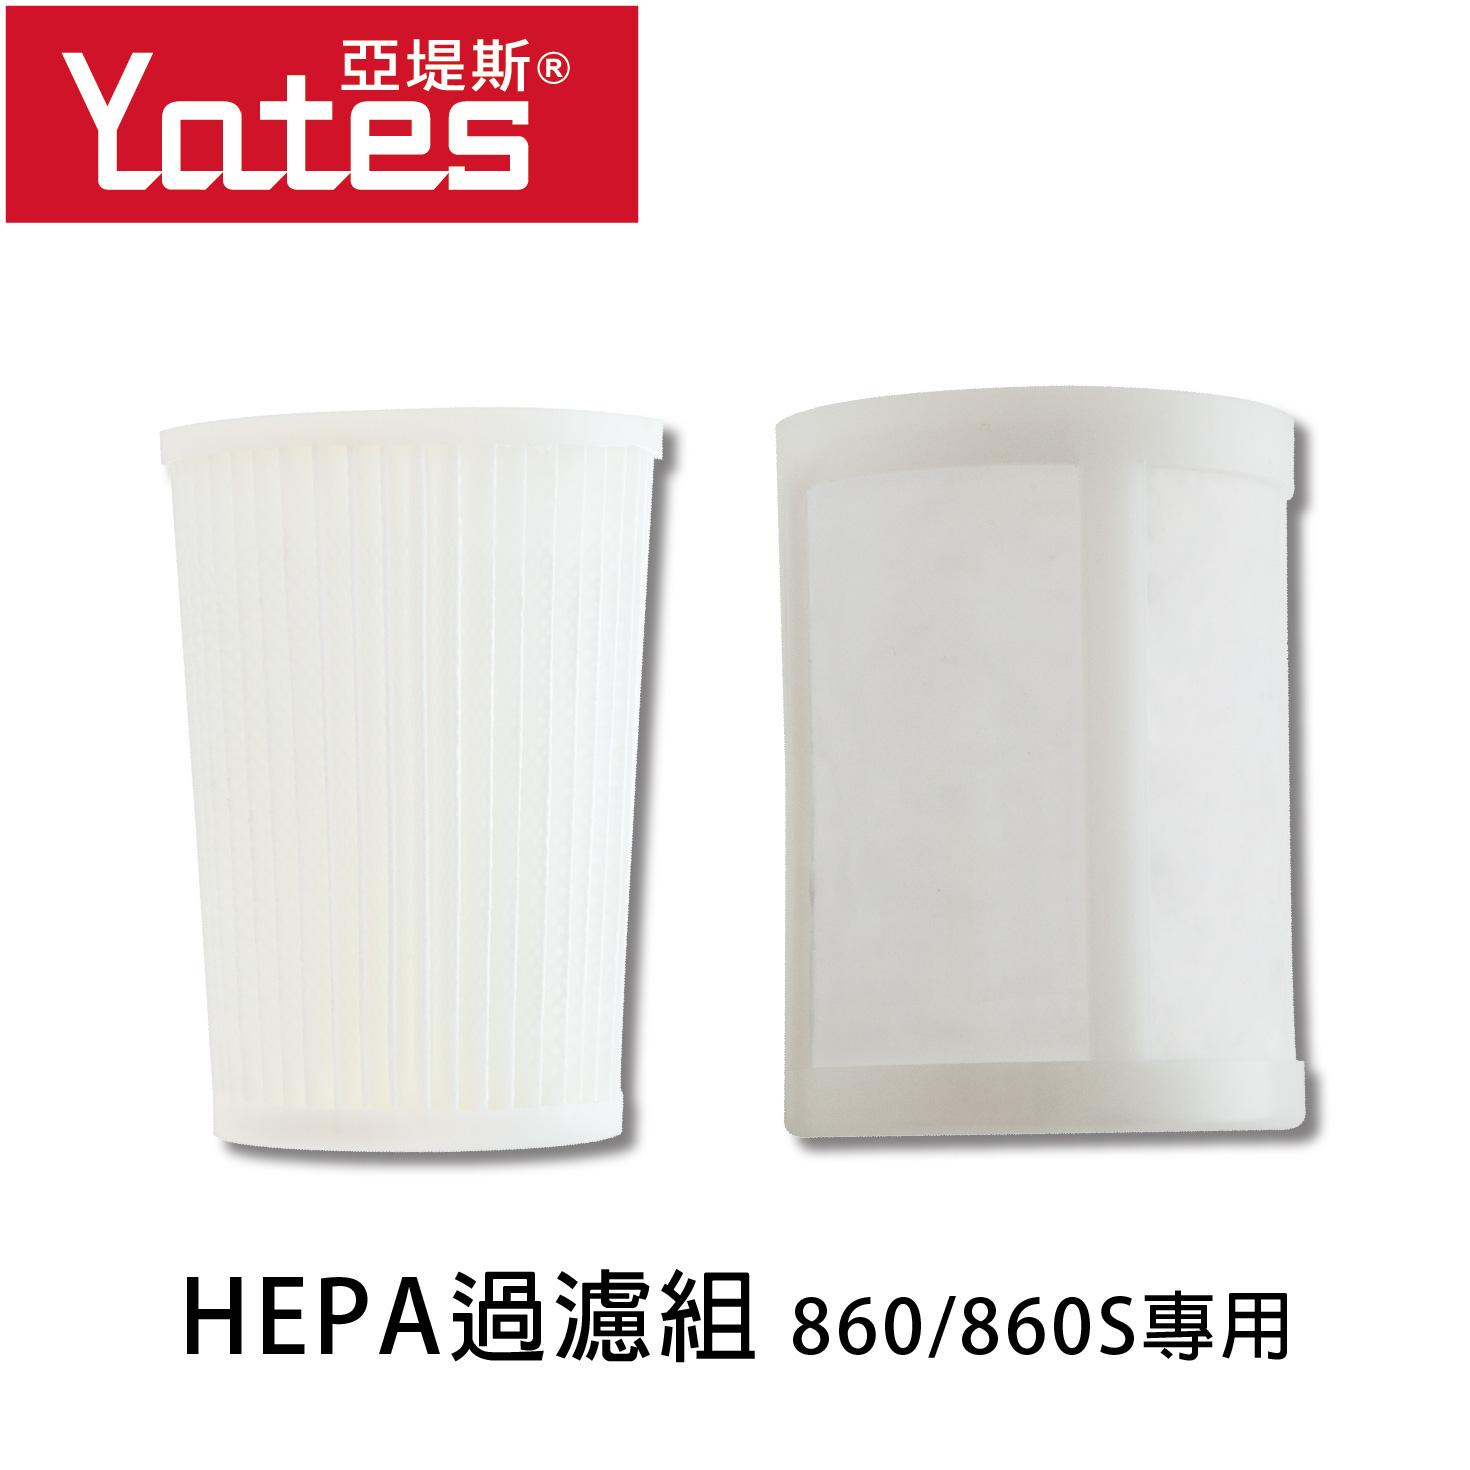 台灣品牌Yates亞堤斯MD-860S系列專用HEPA濾芯(1組入)